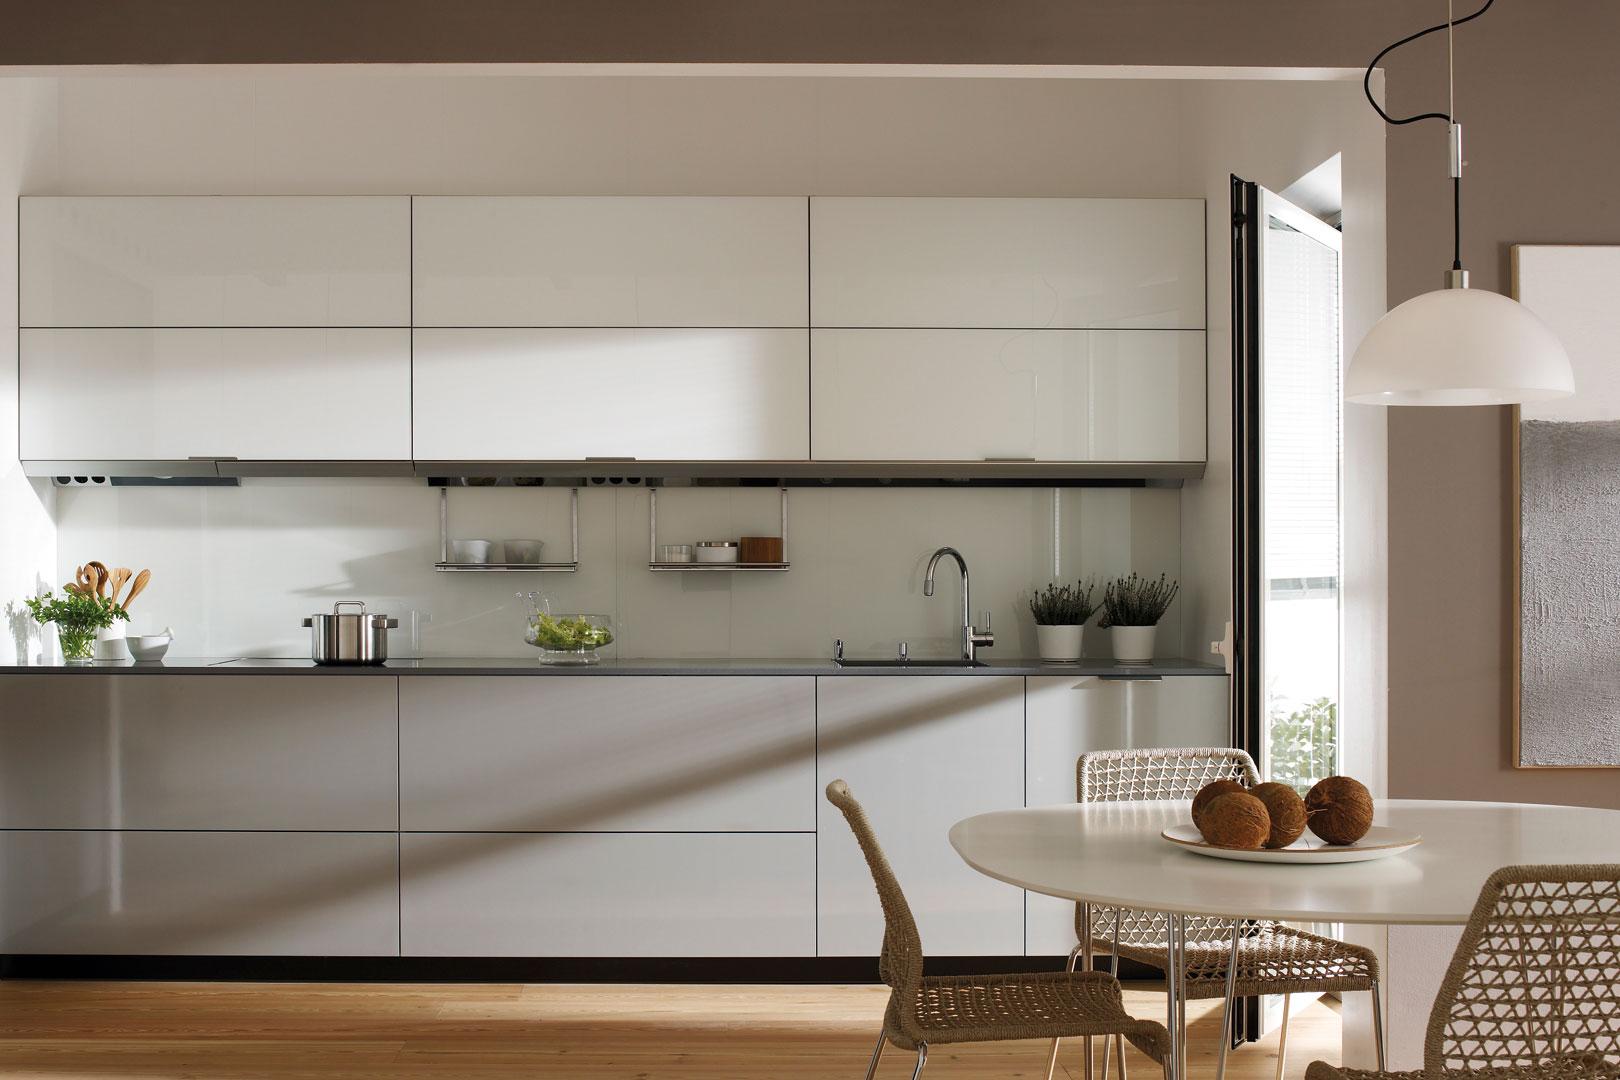 Cocinas grises tendencias cocinas santos santiago for Color credence cocina blanca